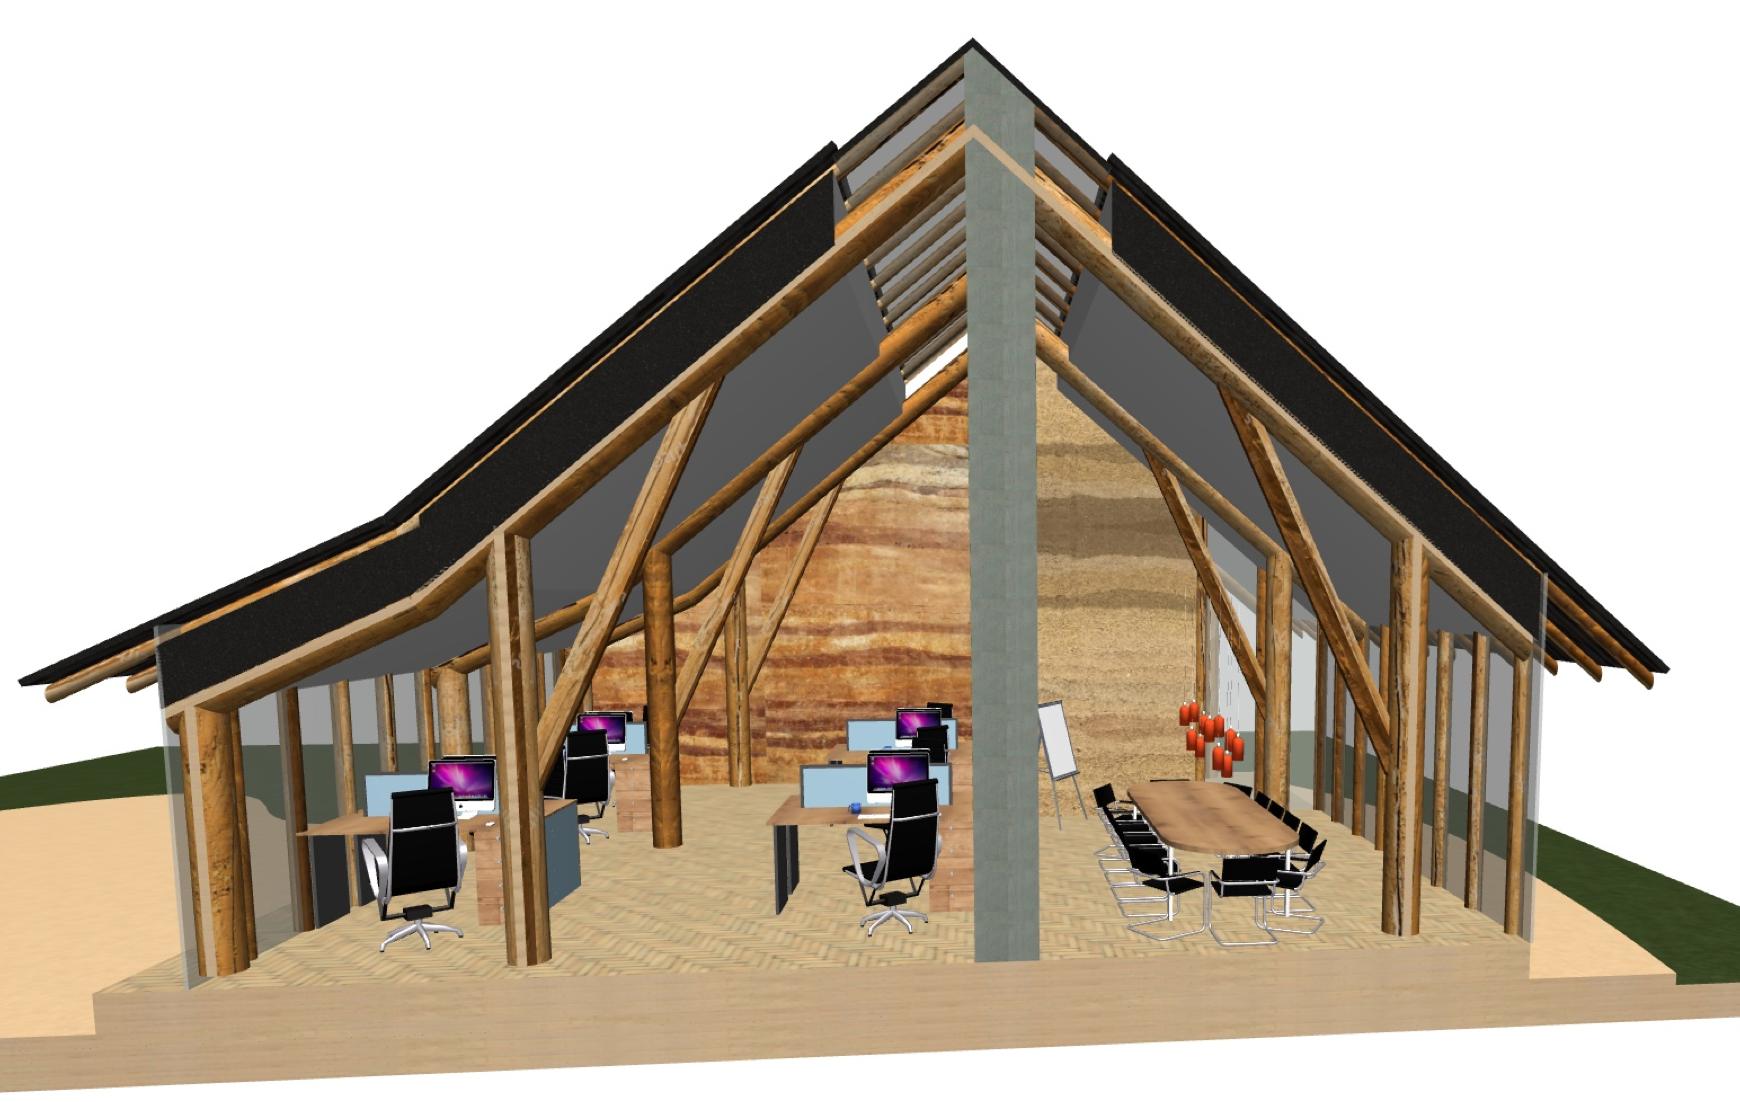 ecologisch kantoor, stampleem, leemstuc, ecologisch, giesen architectuur, utrecht, houtskeletbouw, houtbouw, strobouw, bouwen met strobalen, strobalenbouw, strohuis, aarde, natuur, kantoorgebouw, kantoor, werkplek,